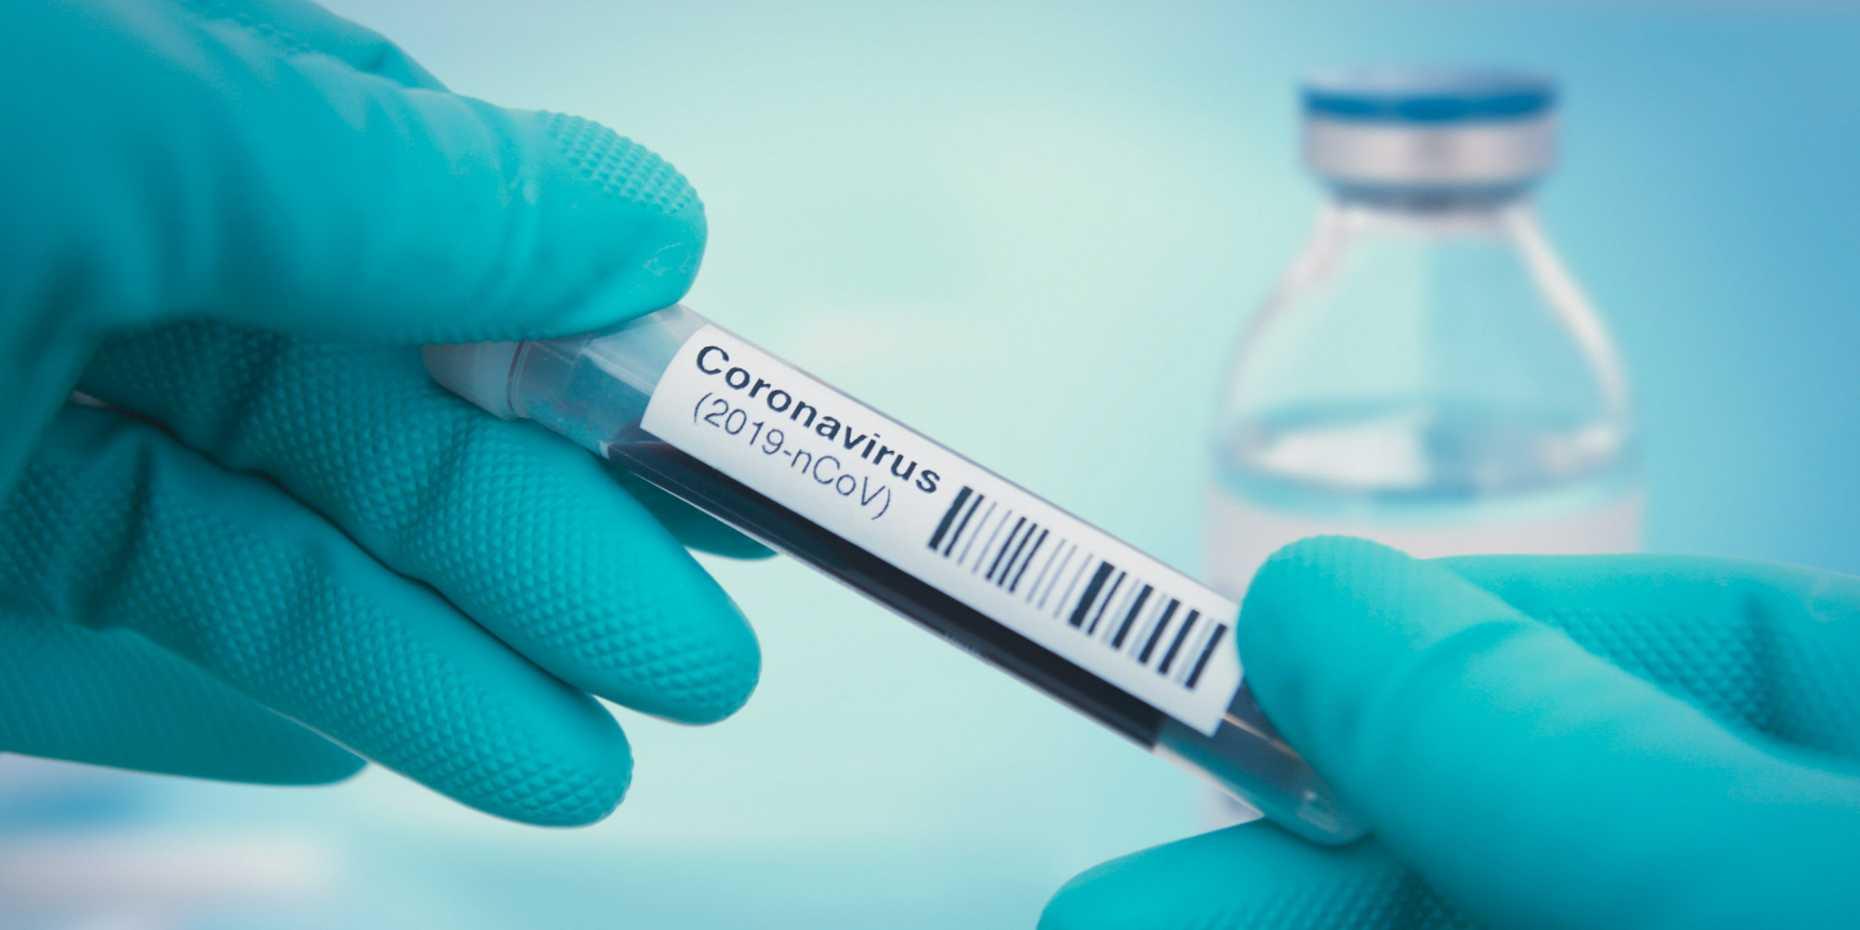 Forschung Fur Medikamente Und Impfstoffe Gegen Covid 19 Eth Zurich